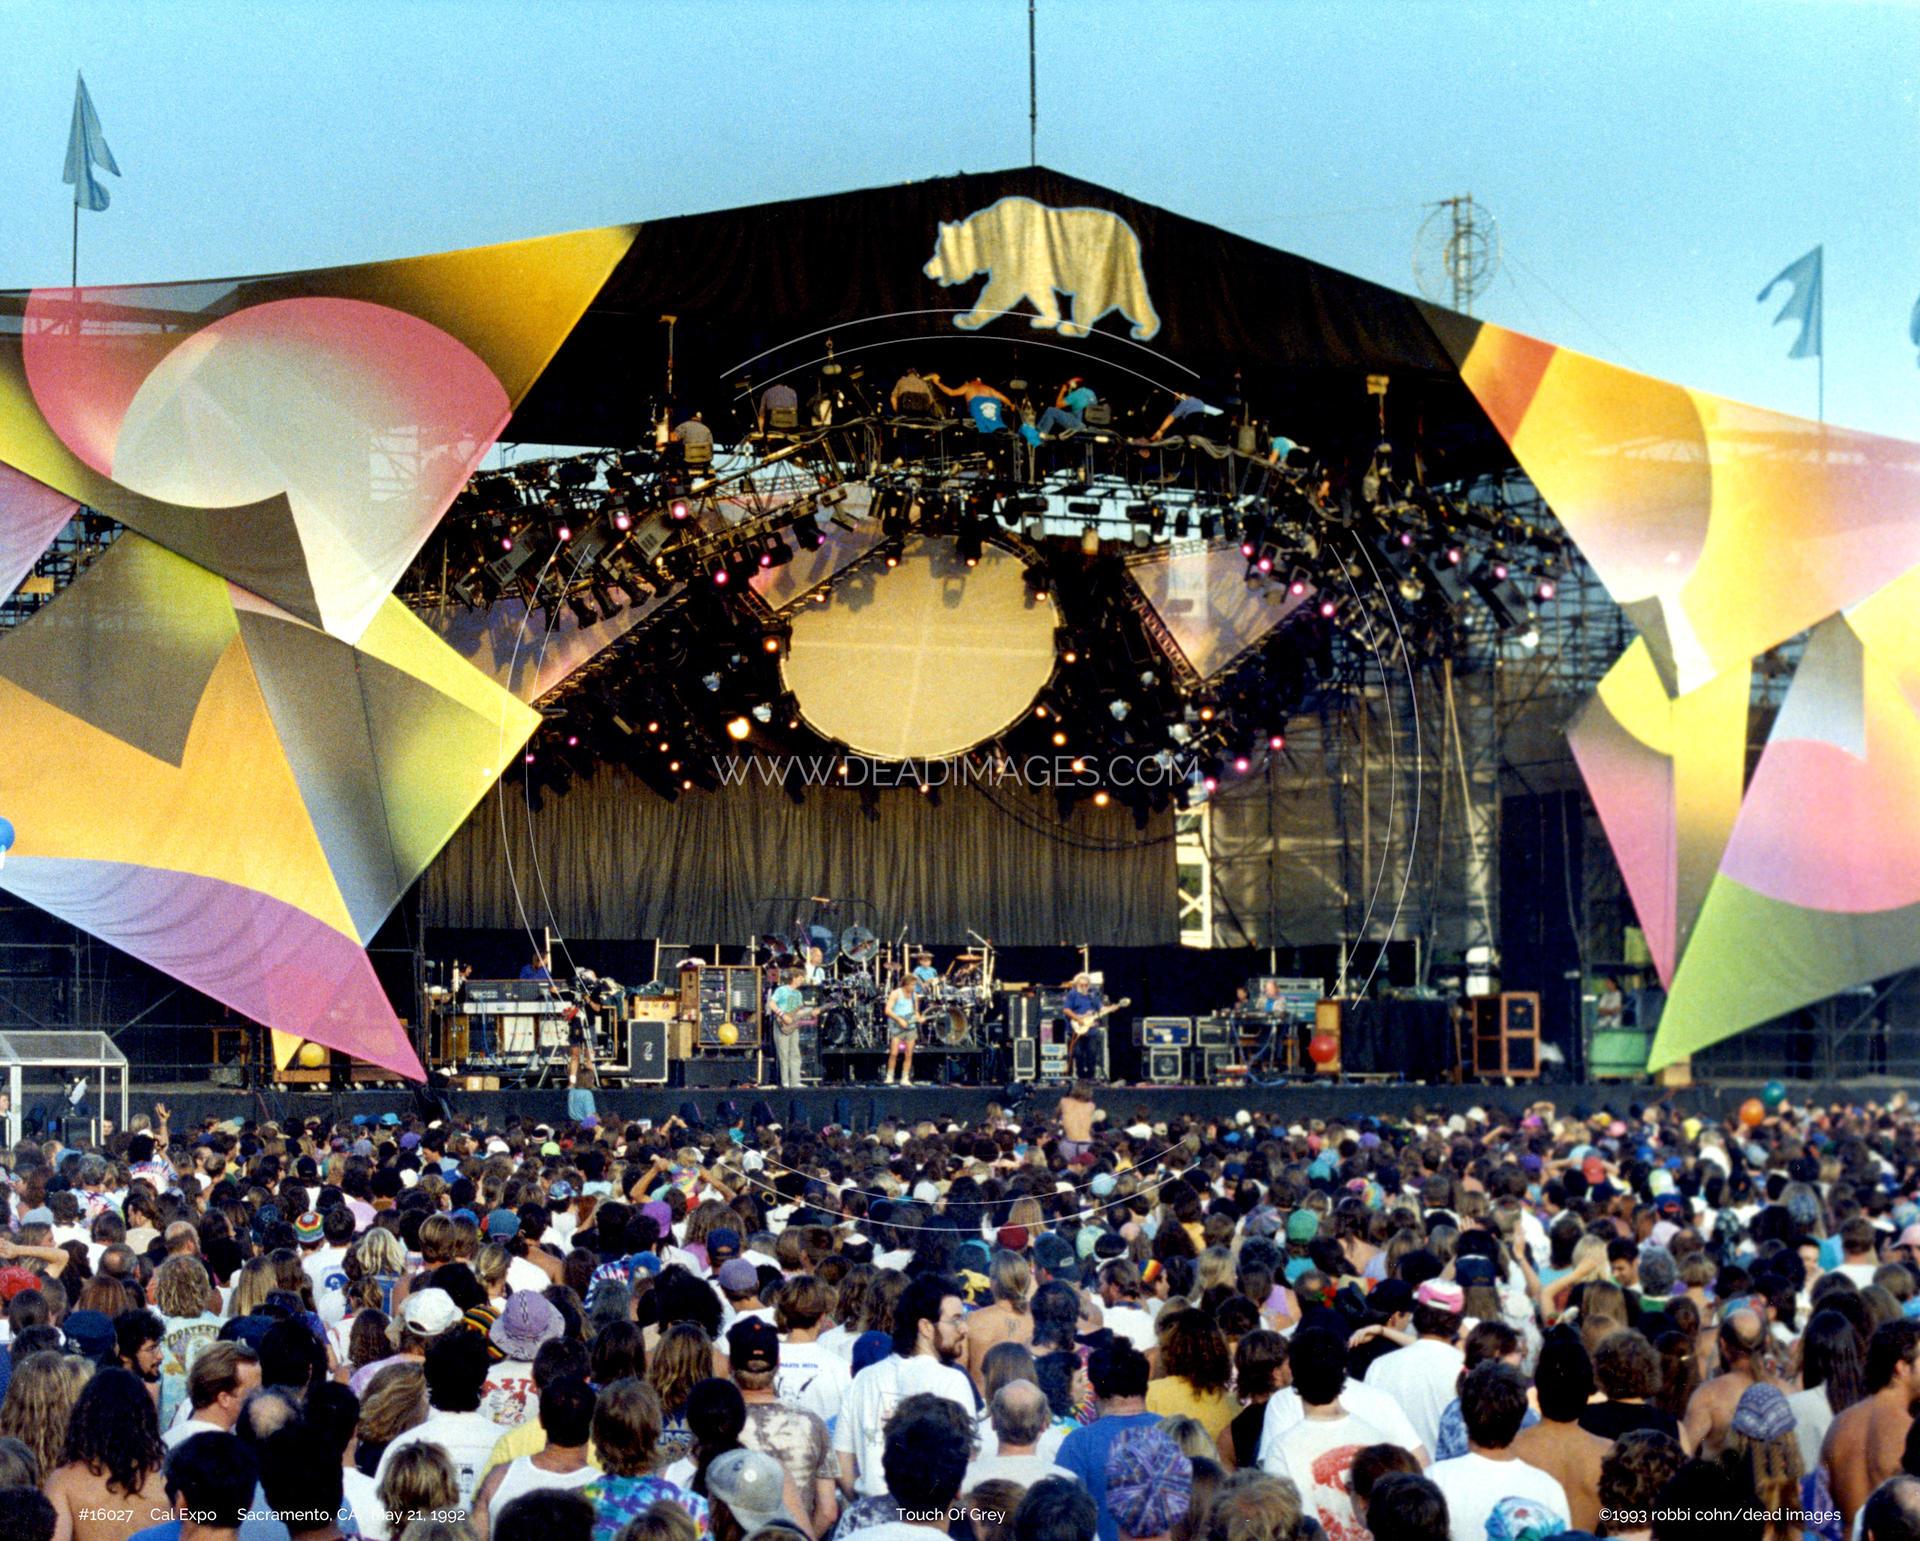 Grateful Dead - May 21, 1992 - Sacramento, CA | Dead Images